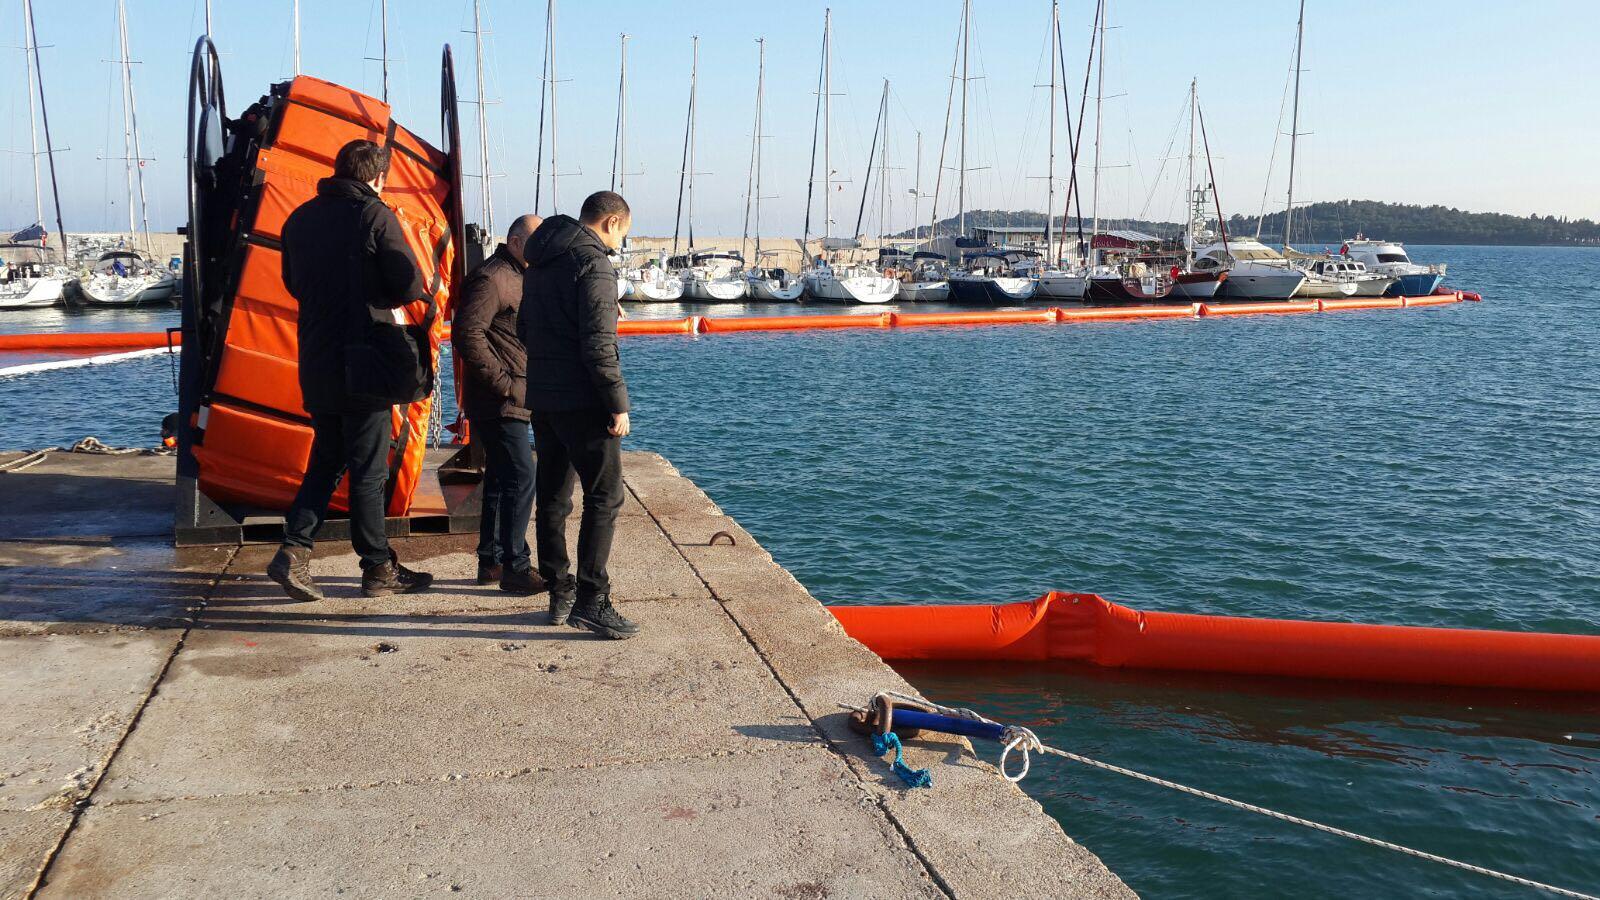 Urla Balıkçı Barınağı Deniz Kirliliği